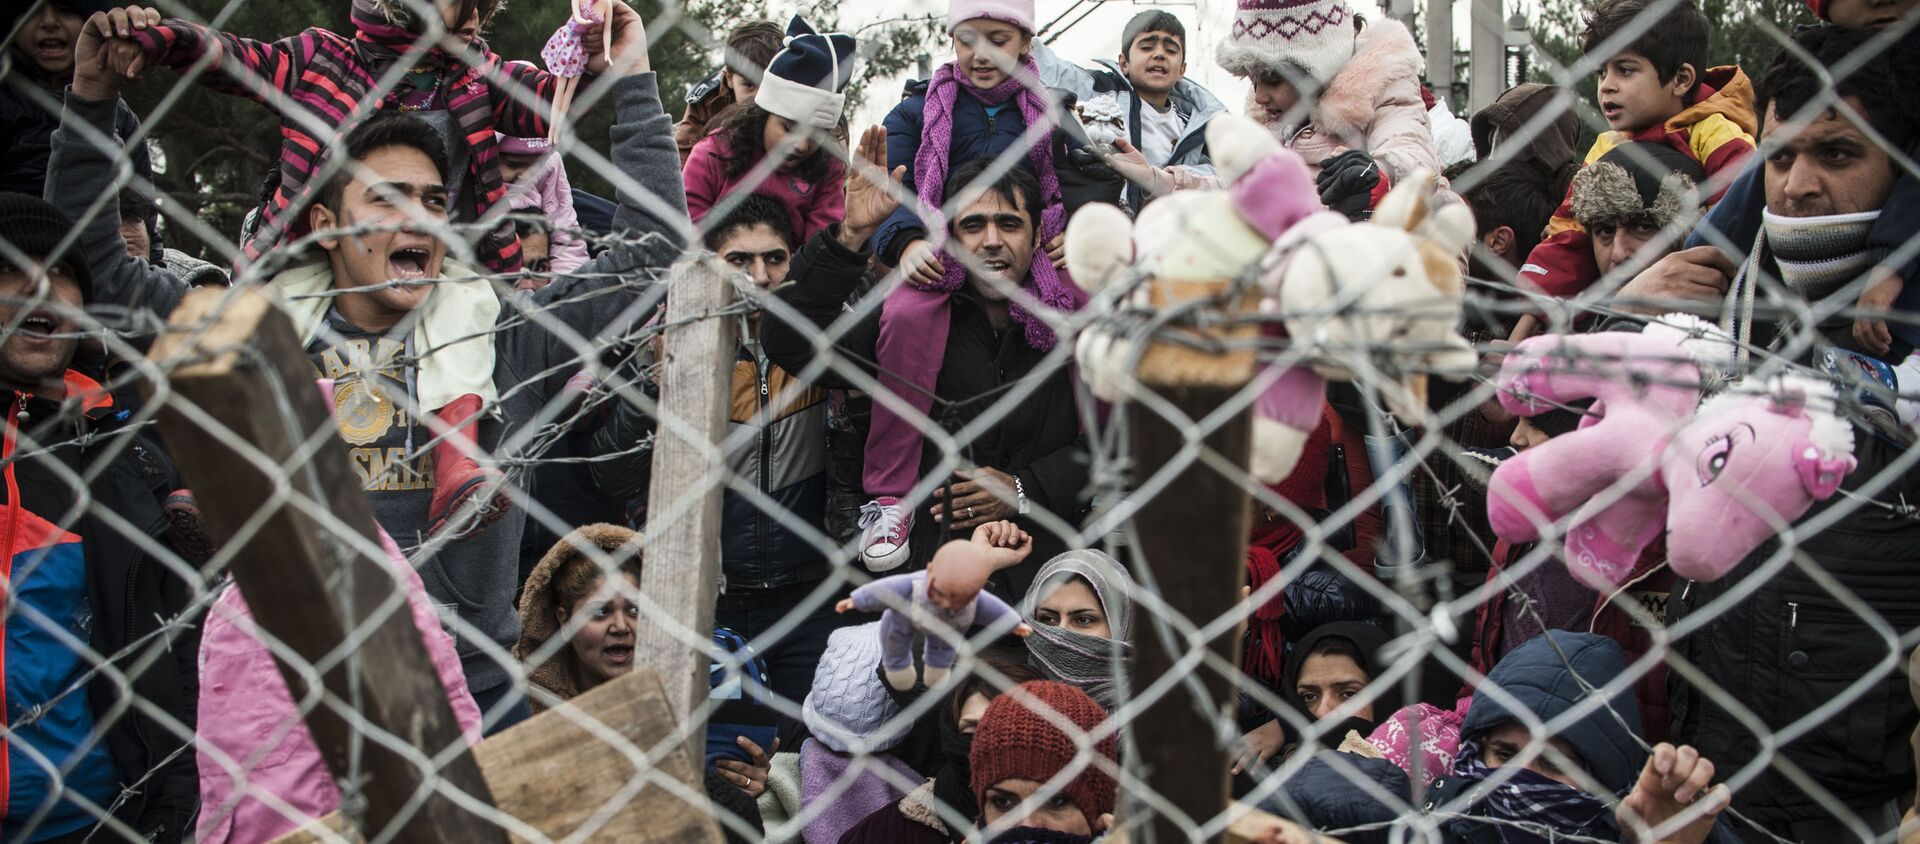 Des migrants protestent derrière une clôture contre les restrictions limitant le passage à la frontière gréco-macédonienne, près de Gevgelija, le 1er décembre 2015. Depuis la semaine dernière, la Macédoine limite le passage vers le nord de l'Europe aux seuls Syriens, Irakiens et Afghans qui sont considérés comme des réfugiés de guerre. Toutes les autres nationalités sont considérées comme des migrants économiques et priées de faire demi-tour. Le 29 novembre, la Macédoine a terminé la construction d'une clôture à sa frontière avec la Grèce, devenant ainsi le dernier pays d'Europe à construire une barrière frontalière visant à contrôler le flux de migrants. - Sputnik France, 1920, 20.08.2021